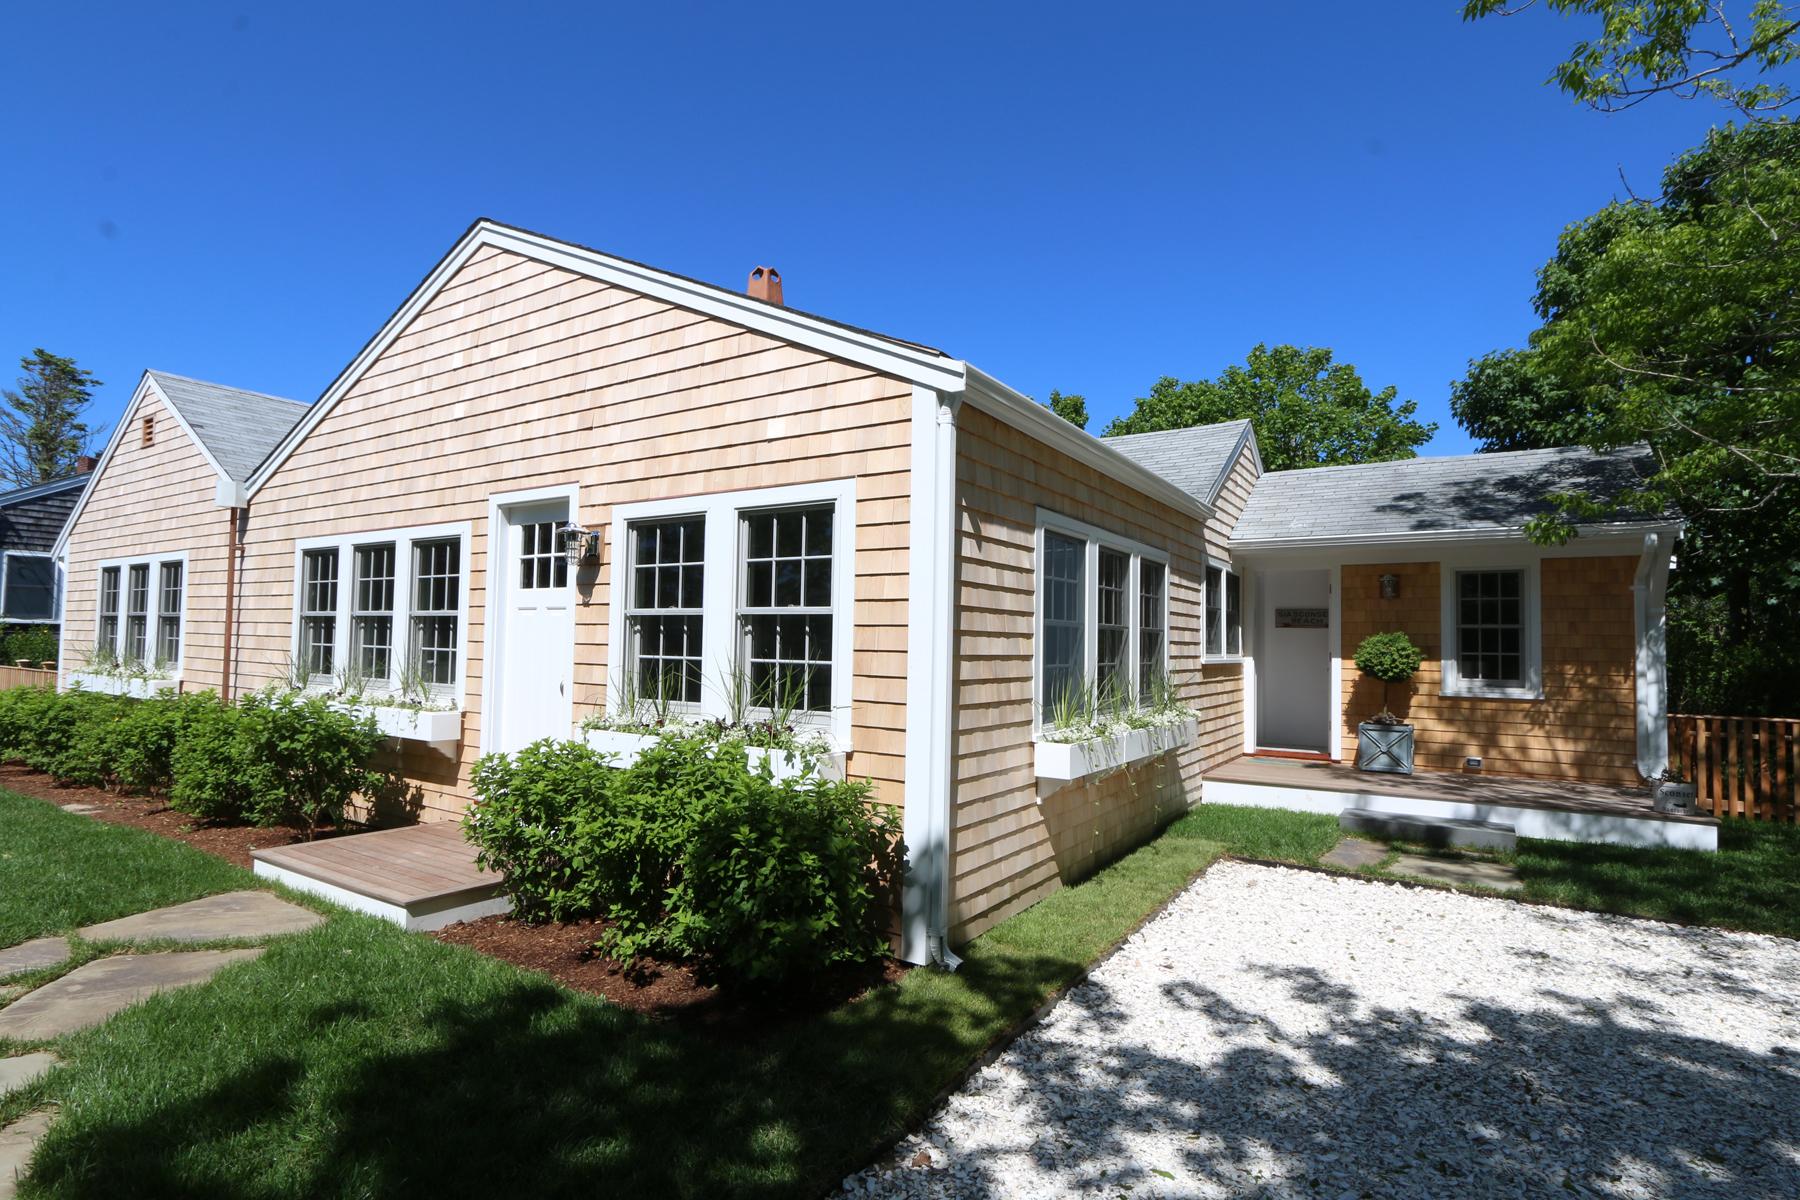 Maison unifamiliale pour l Vente à Comfortable & Stylish in Sconset 3 Sconset Avenue Siasconset, Massachusetts, 02564 États-Unis